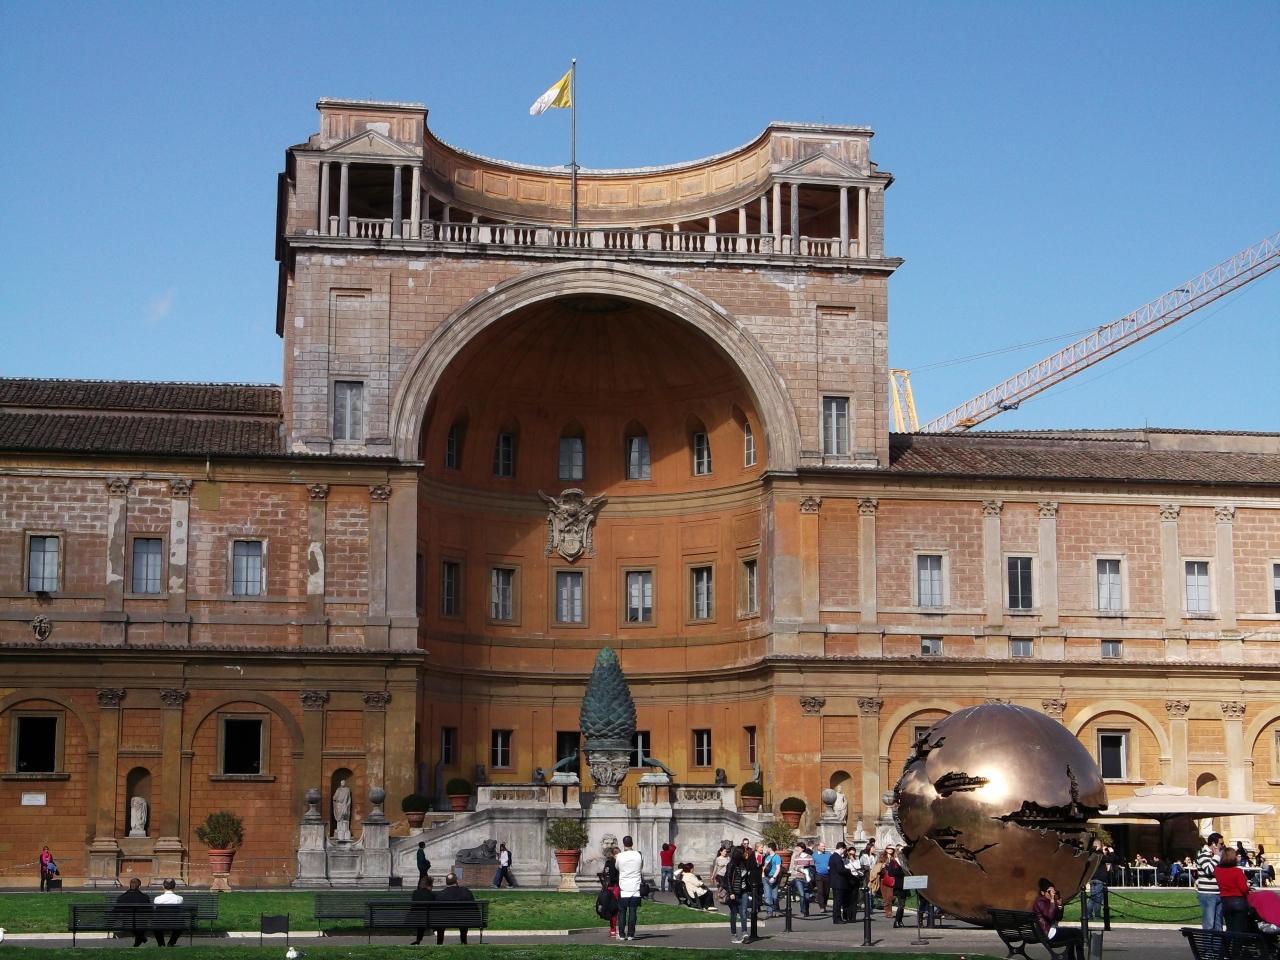 バチカン宮殿の画像 p1_34